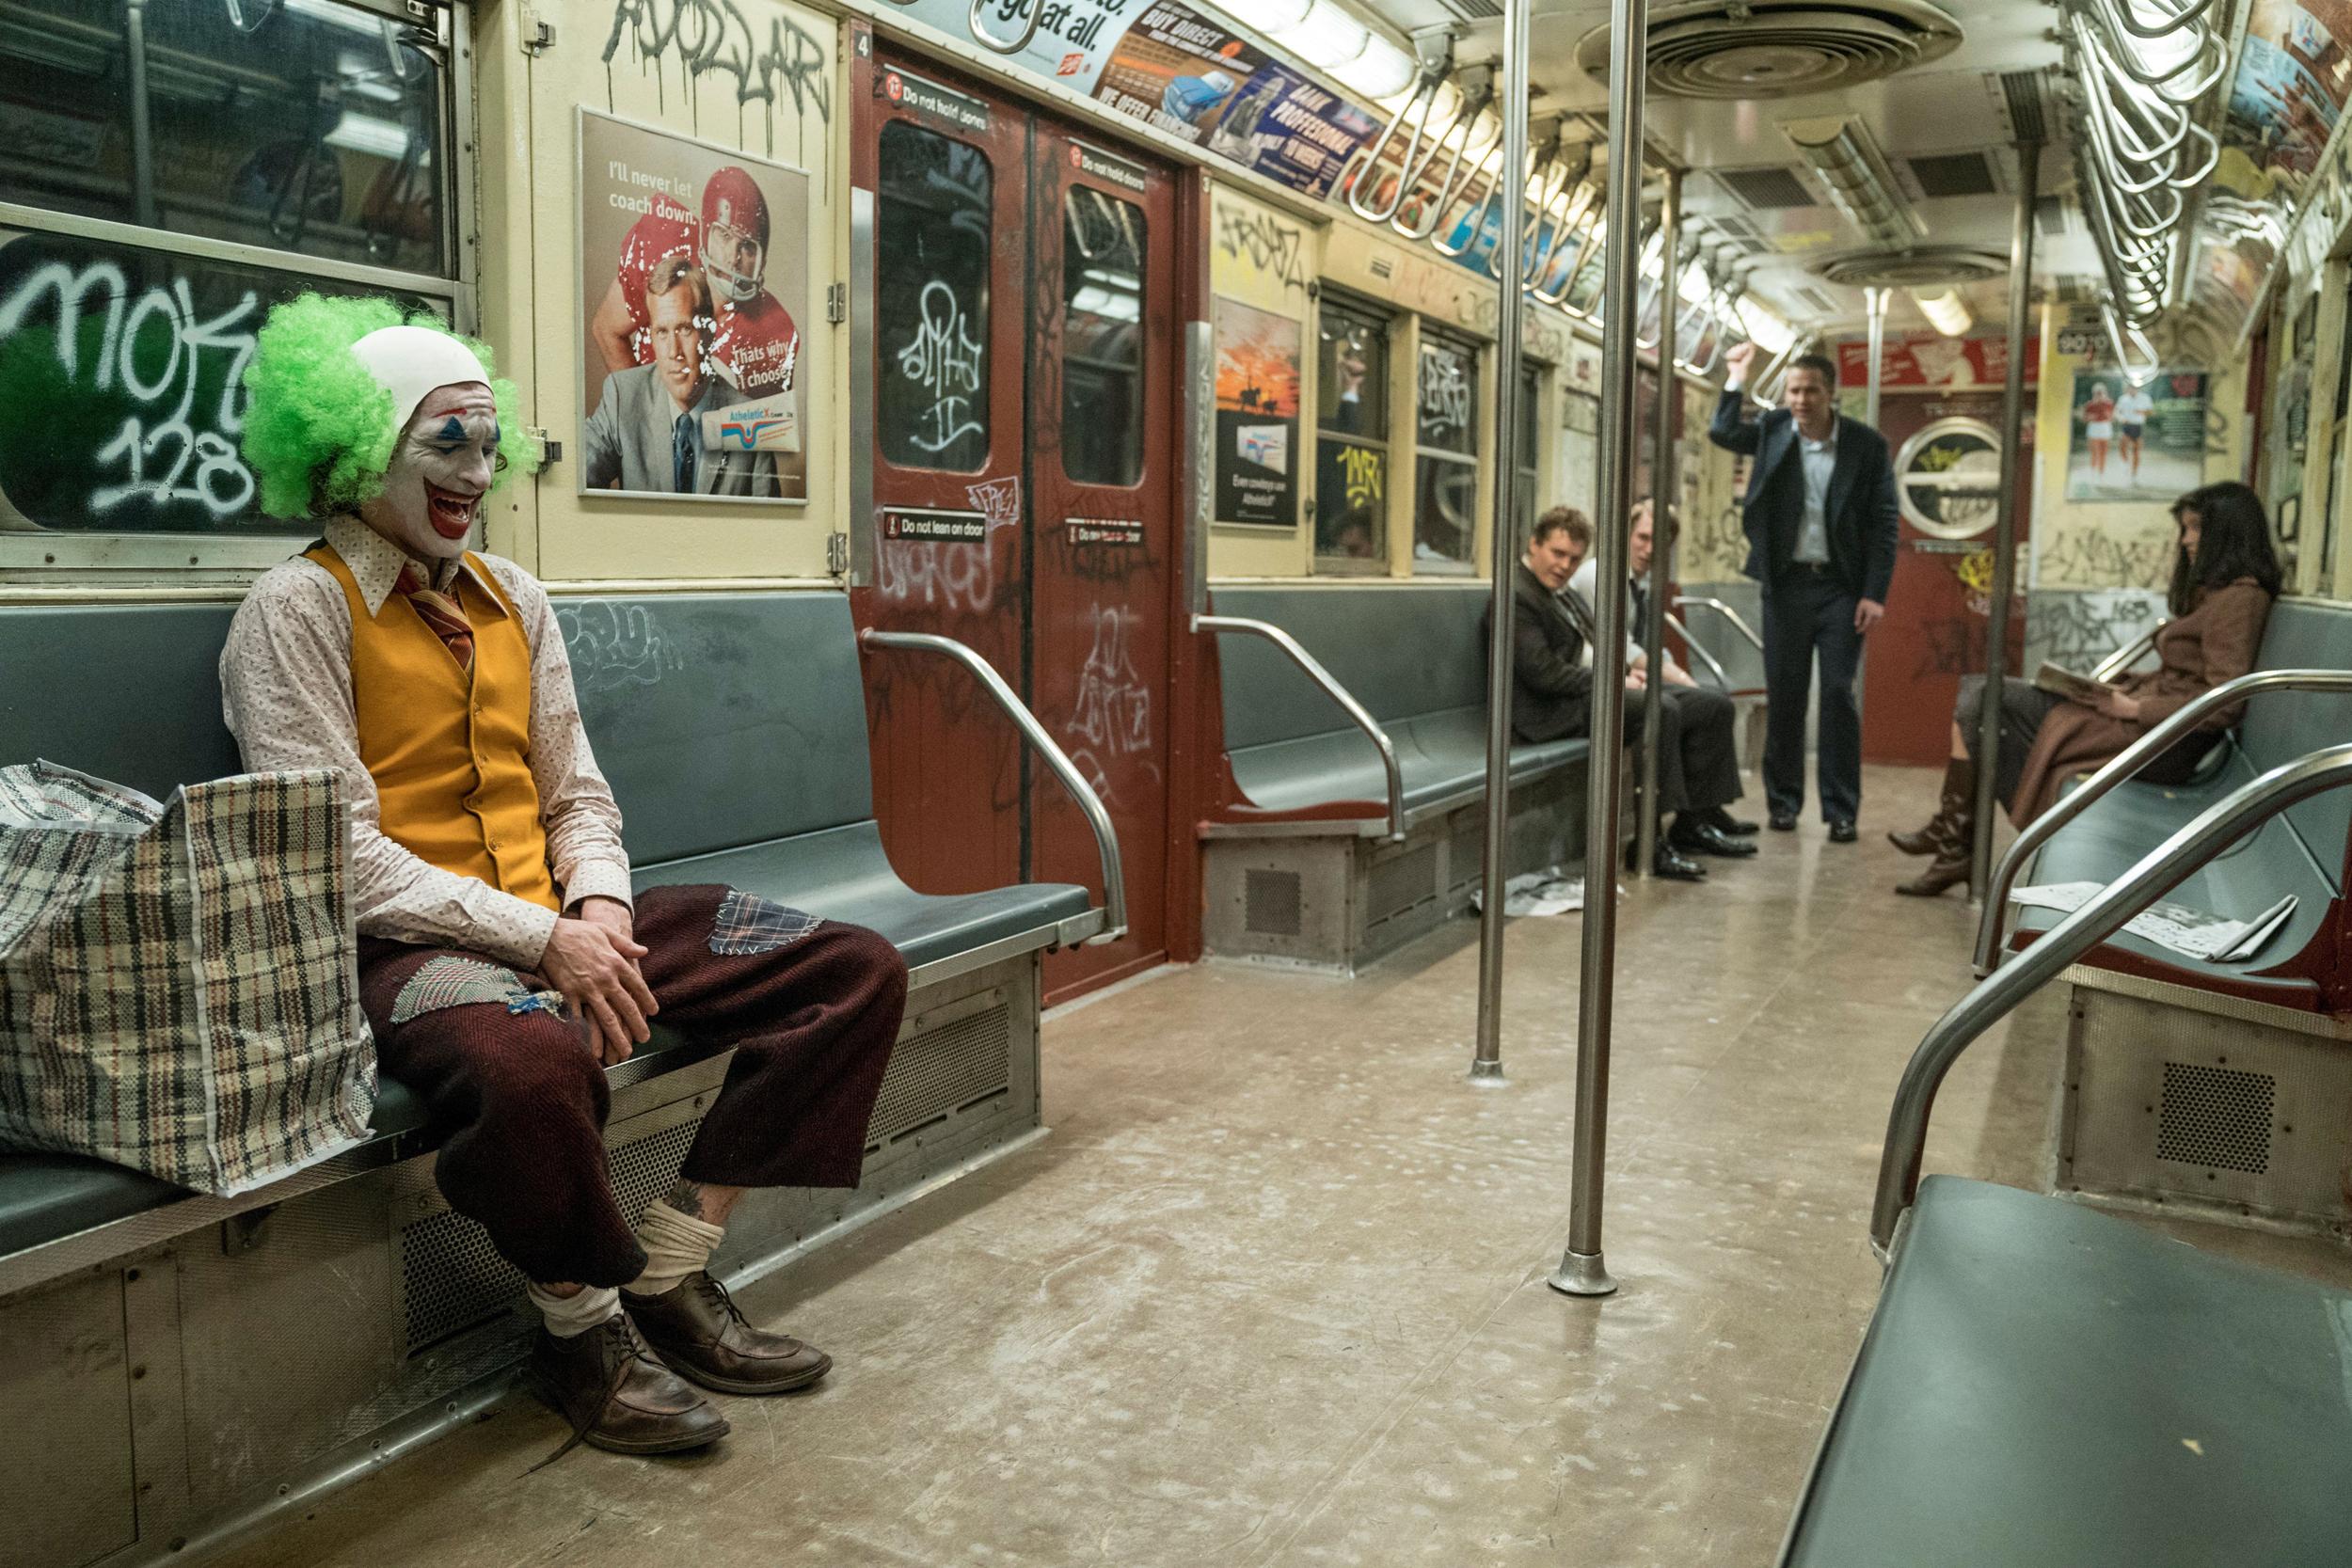 Joker (2019) Still - Joaquin Phoenix as Arthur Fleck / The Joker